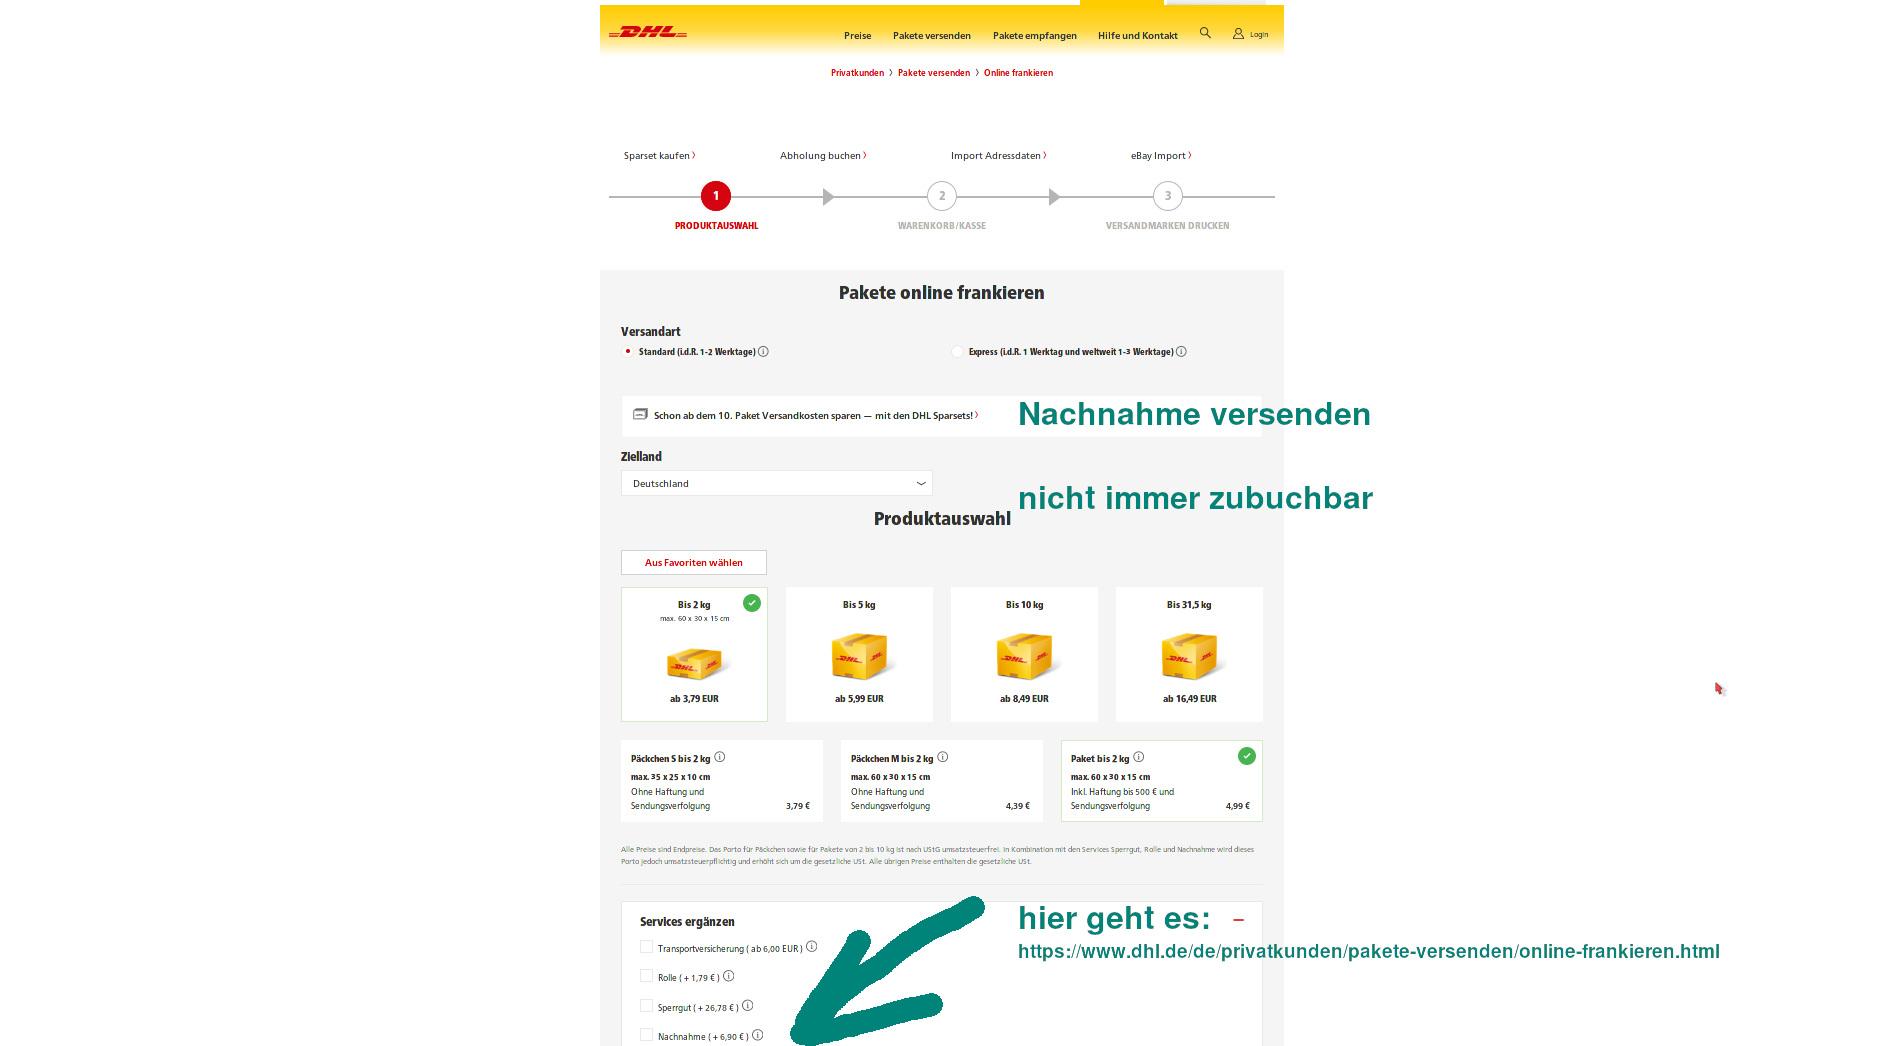 DHL-online-Frankierung über diese Seite gibt es auch den Service Nachnahme - miradlo-Versanddepot, Päcklebox als Lieferadresse